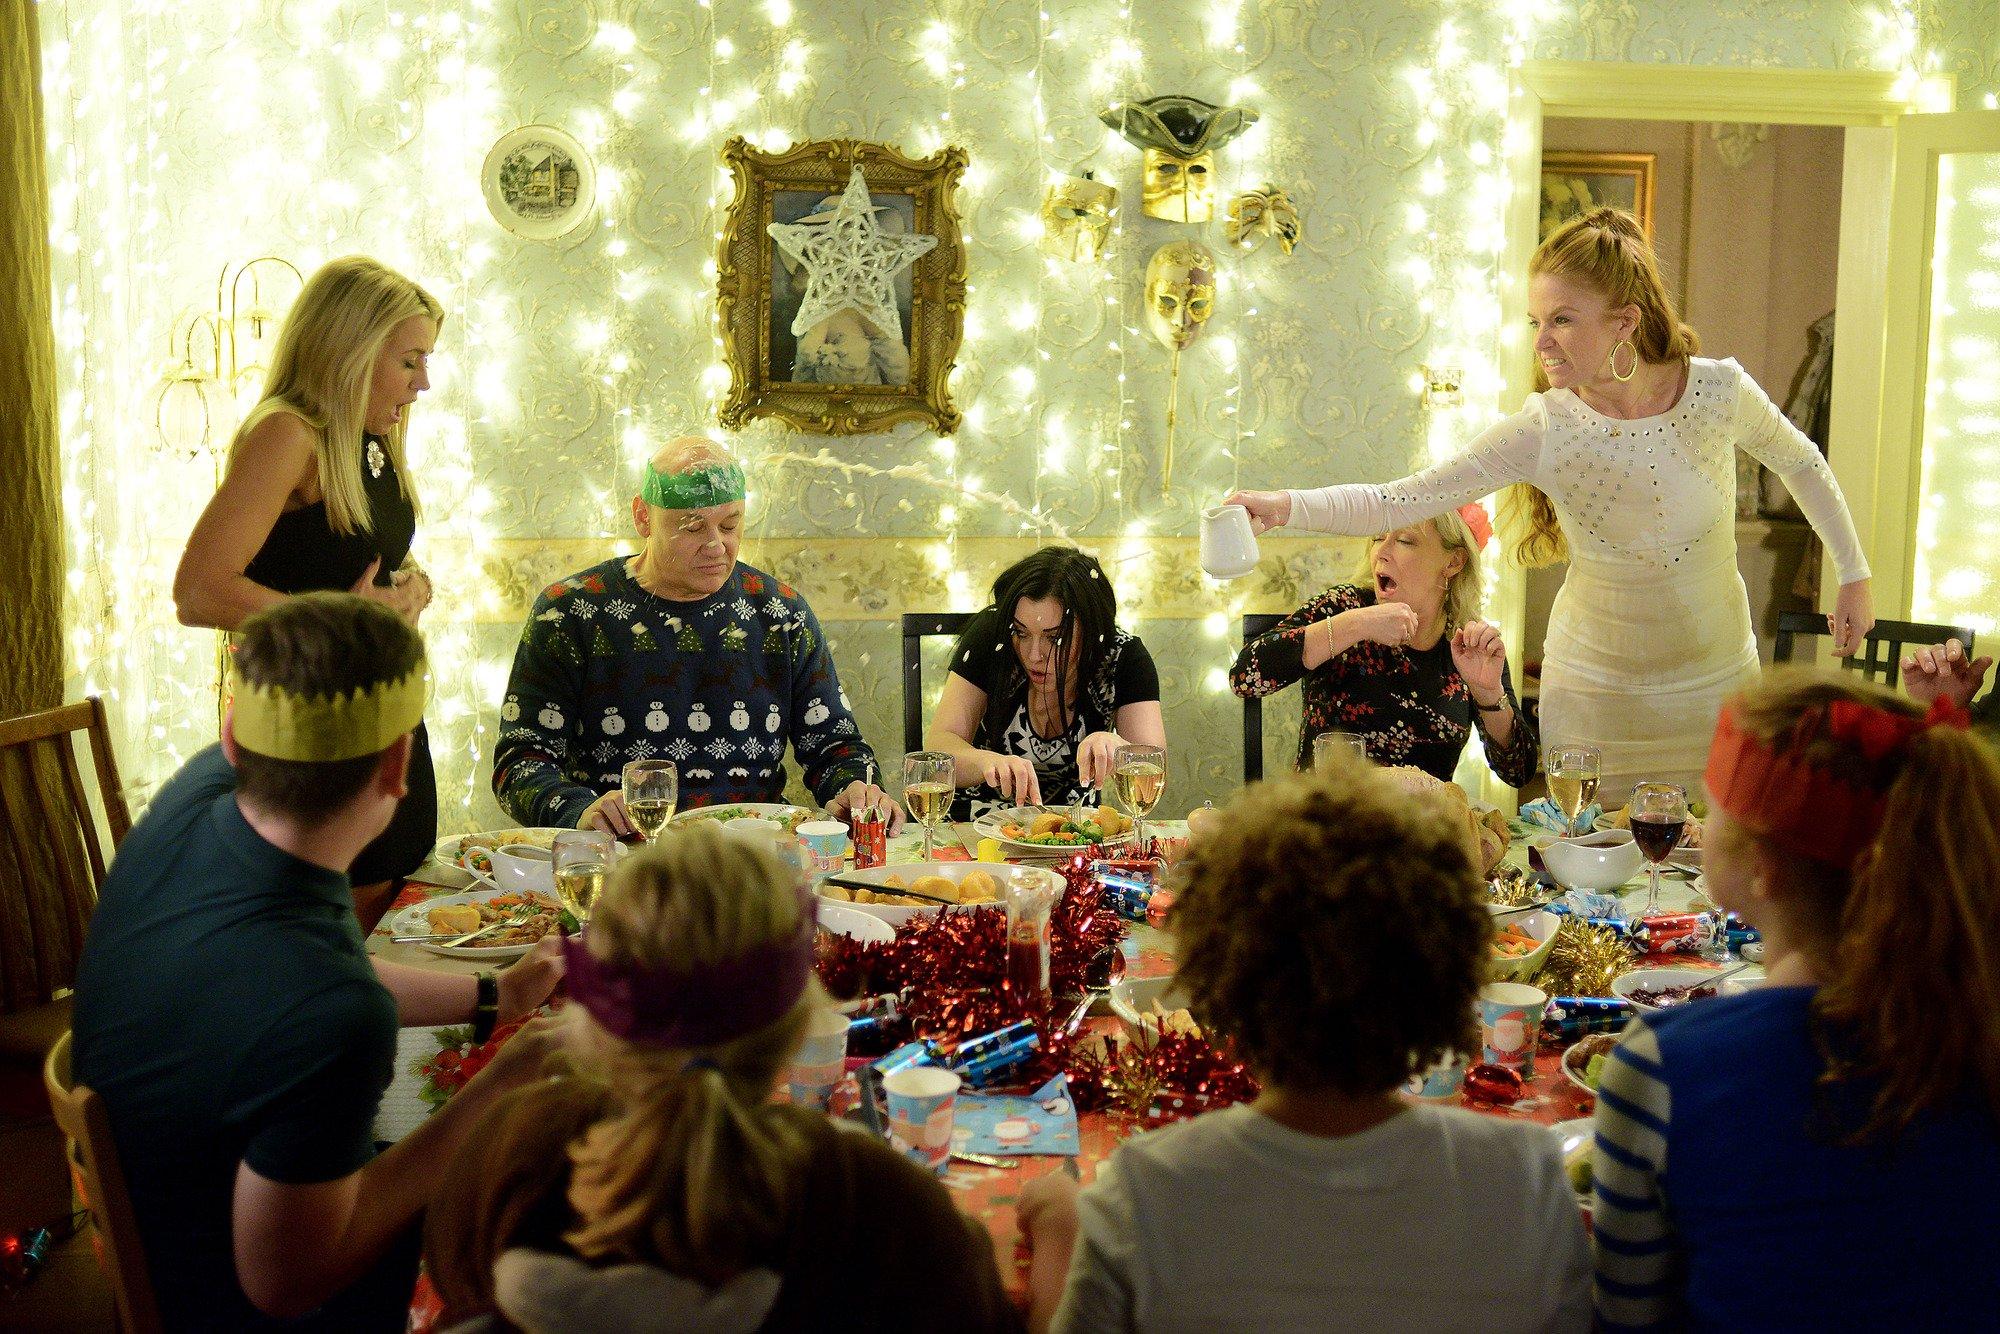 Una cena de Navidad como cualquier otra.